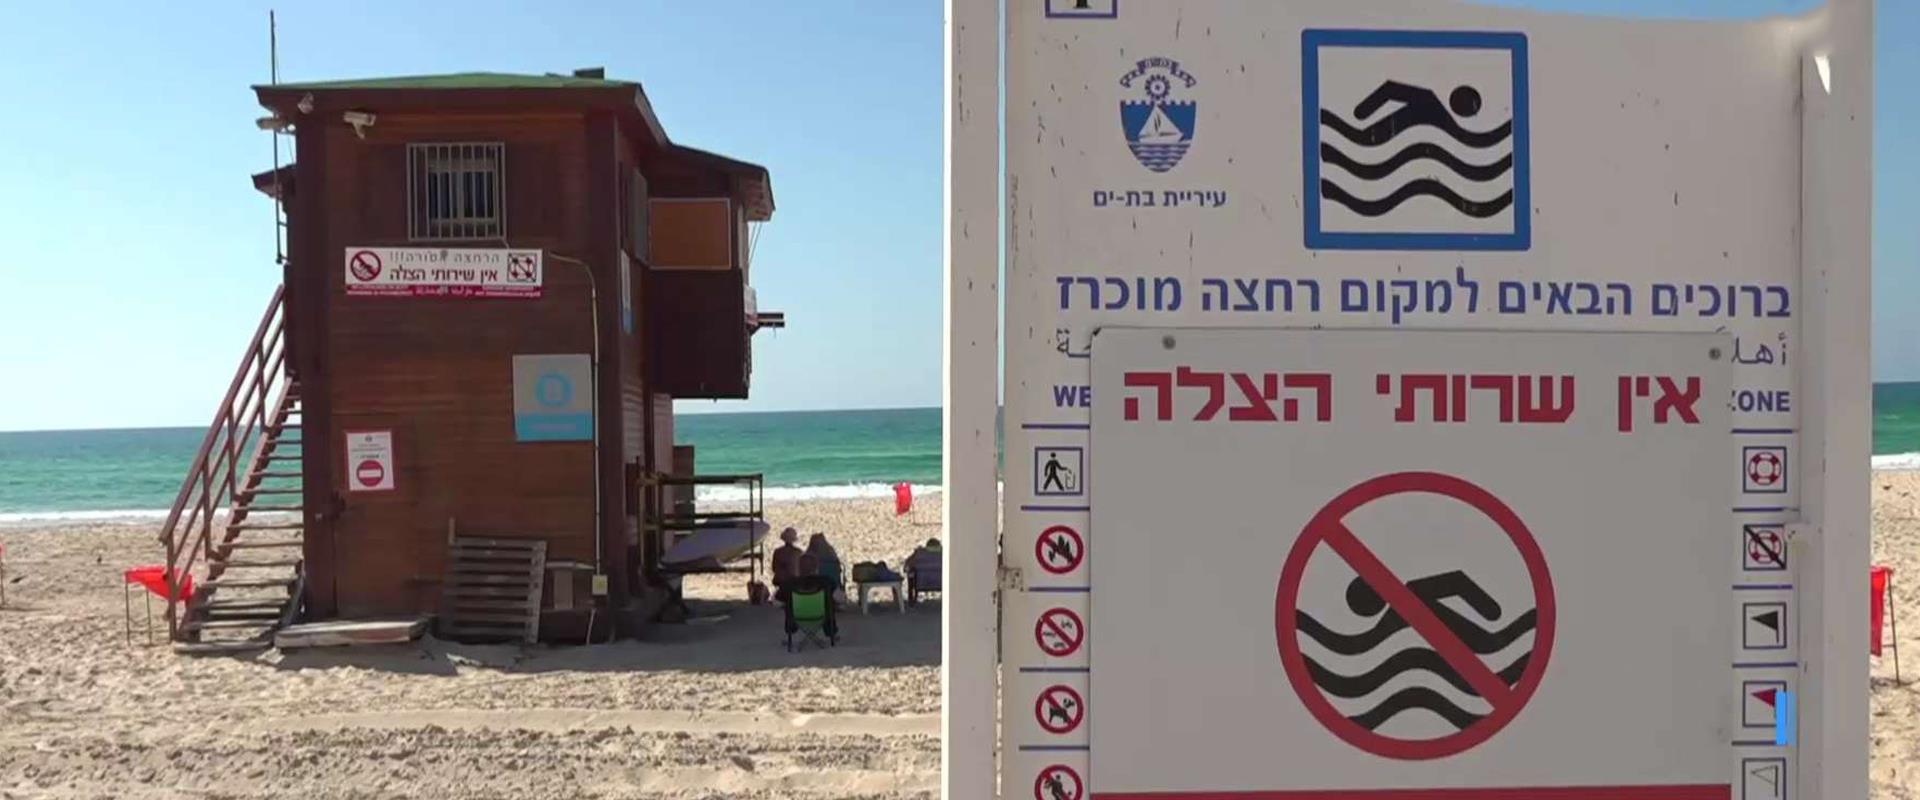 עופר חלפון – חופים מסוכנים